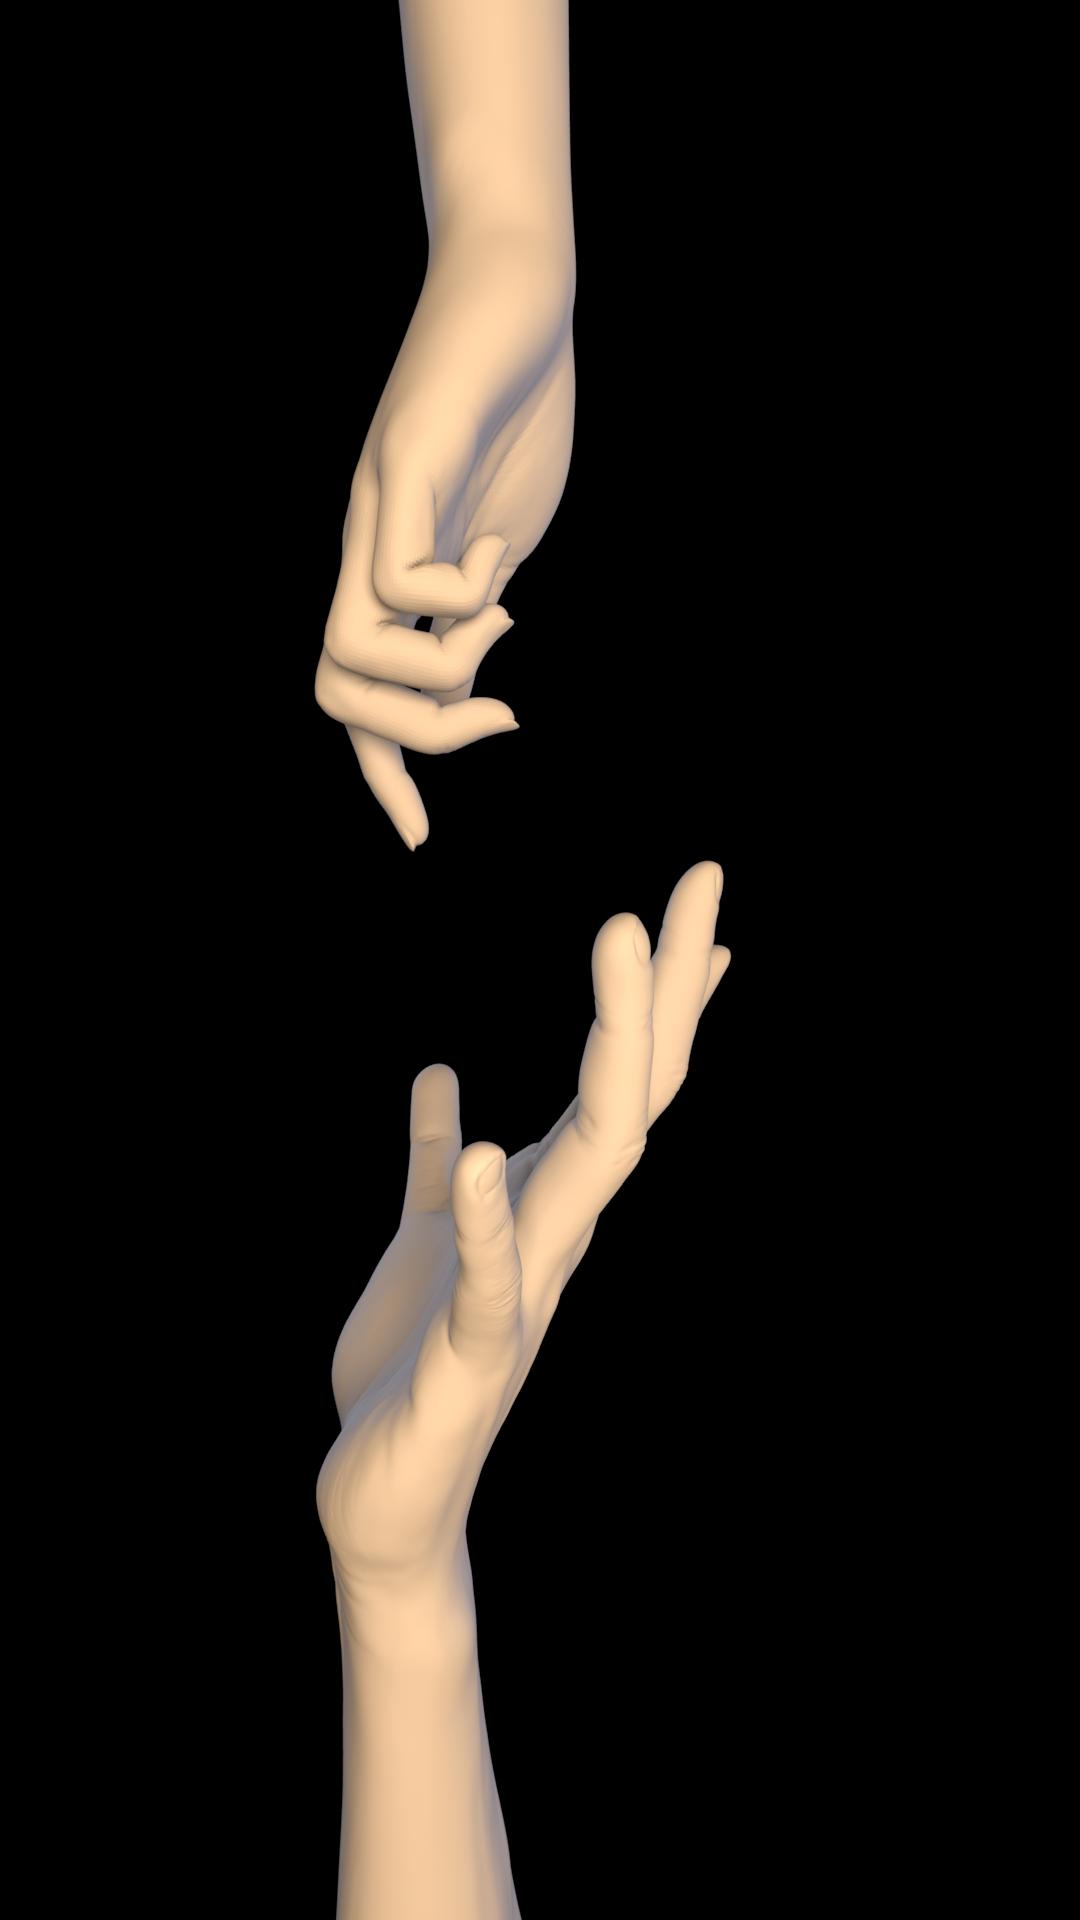 Hands 0045 Mrantilife